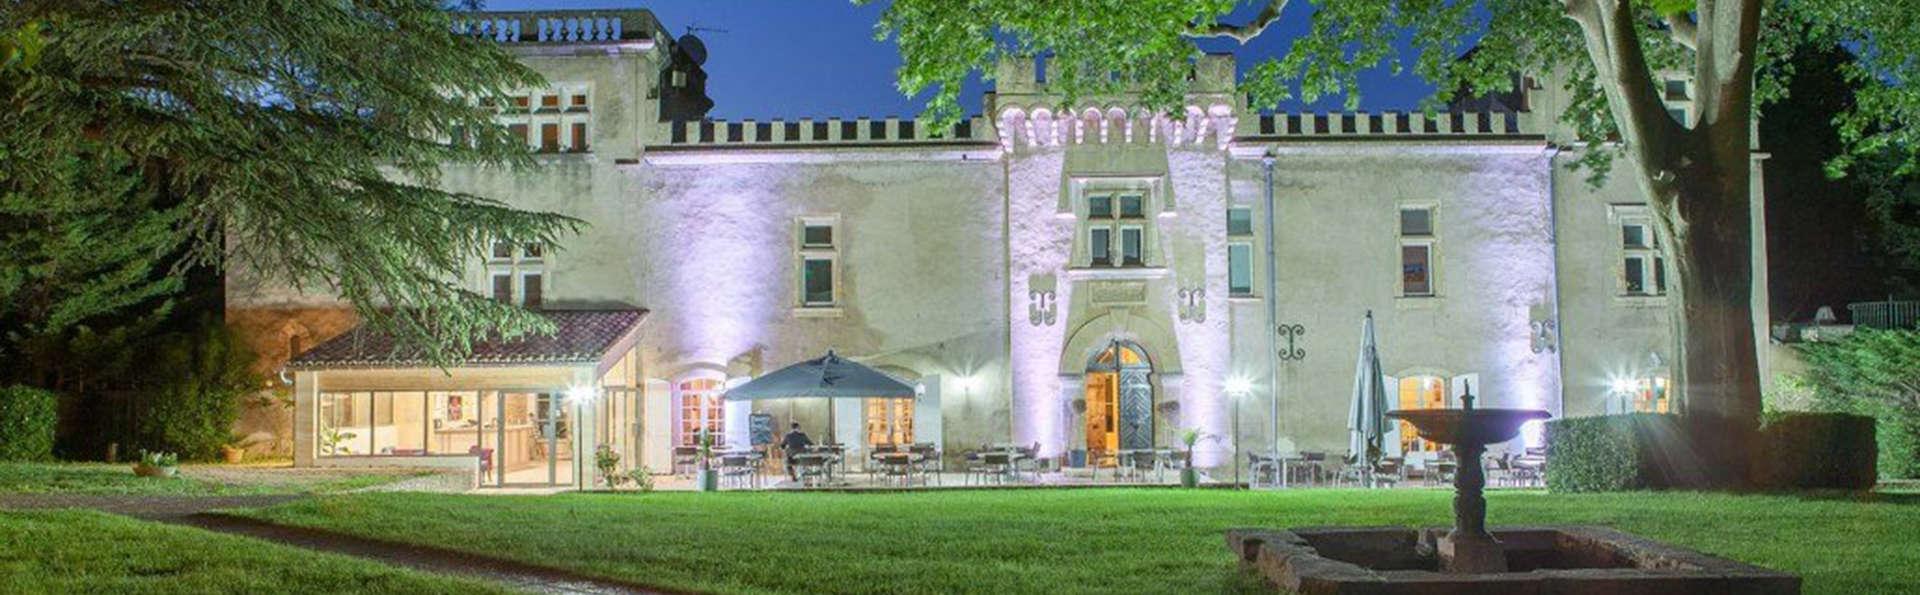 Château du Val de Cèze - EDIT_front.jpg